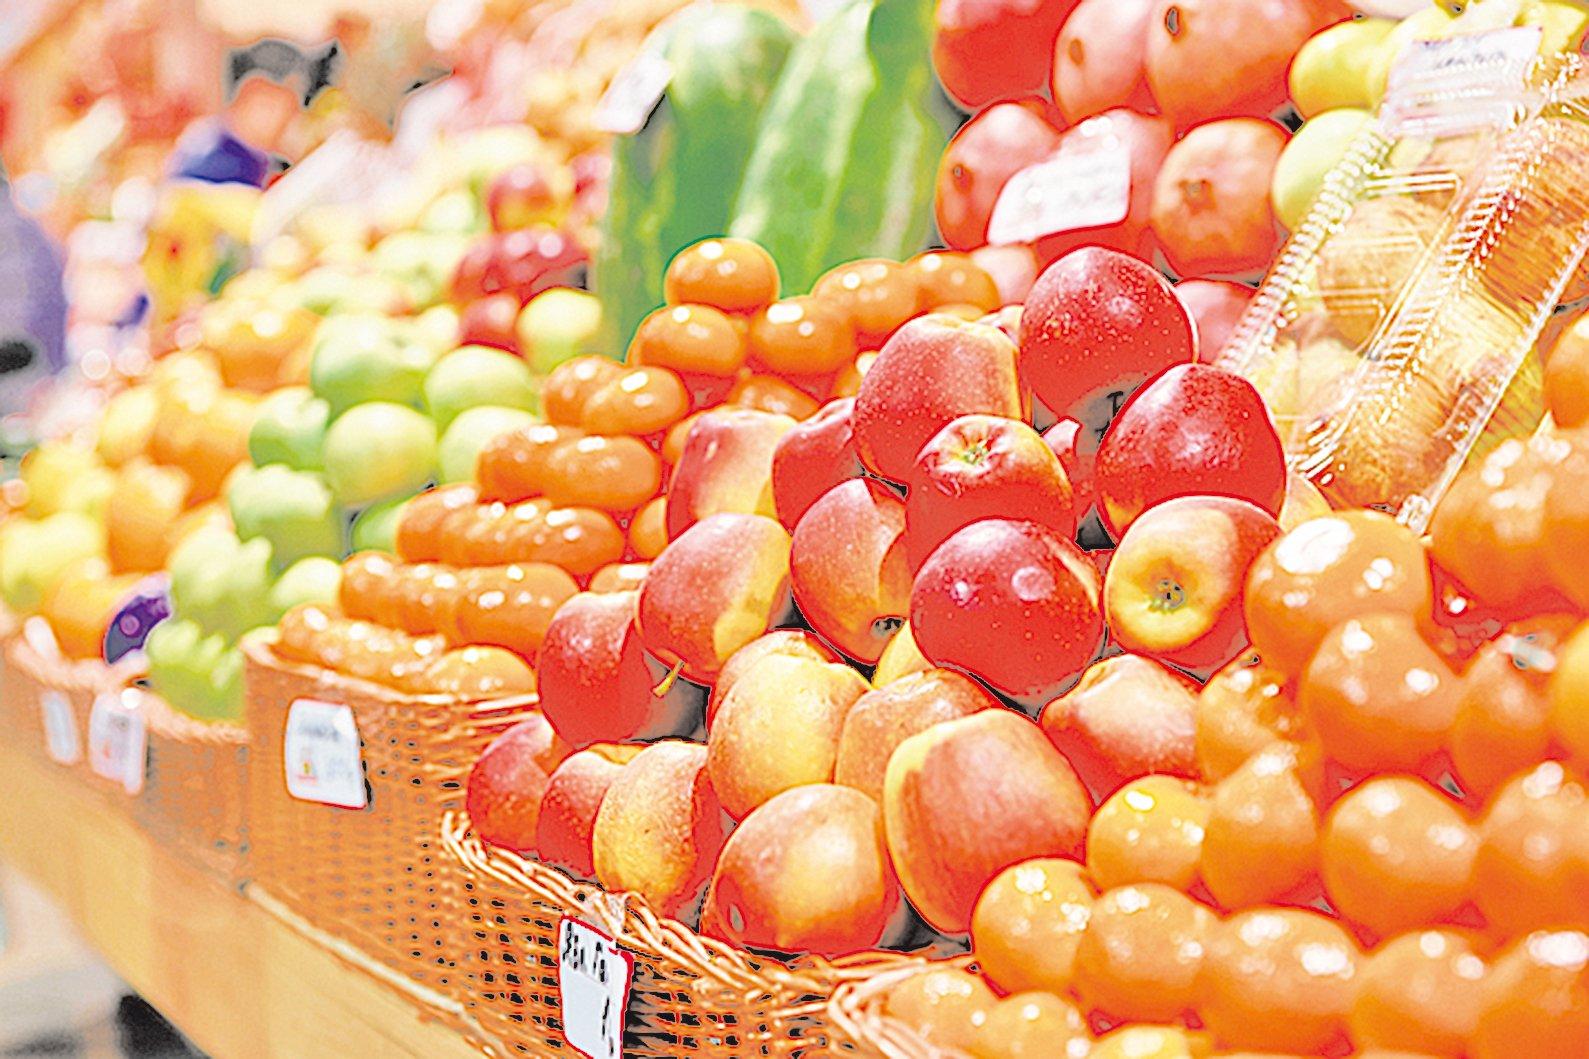 到超市採買水果時,可優先選擇營養豐富,且保存期限長的水果。